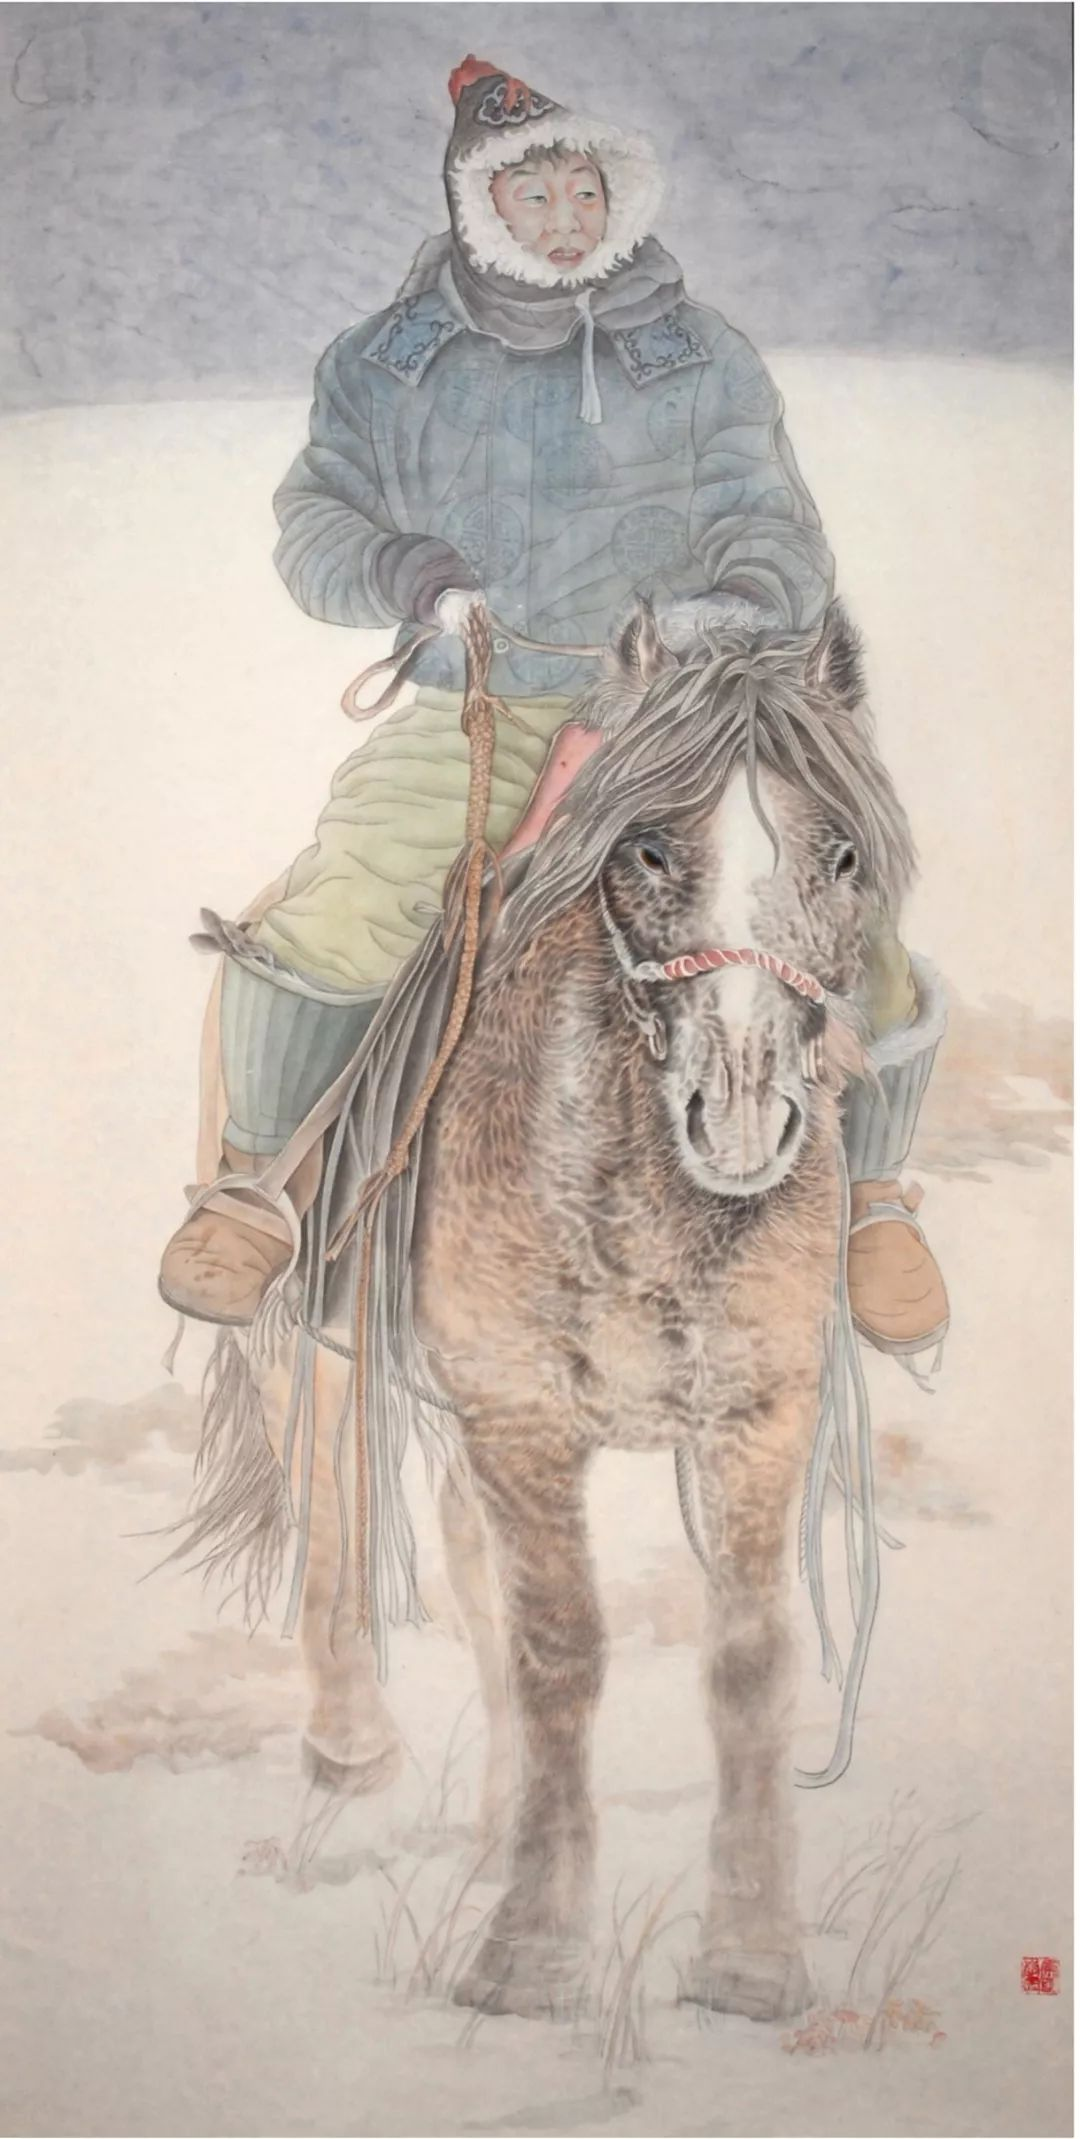 李金风国画作品欣赏 第15张 李金风国画作品欣赏 蒙古画廊